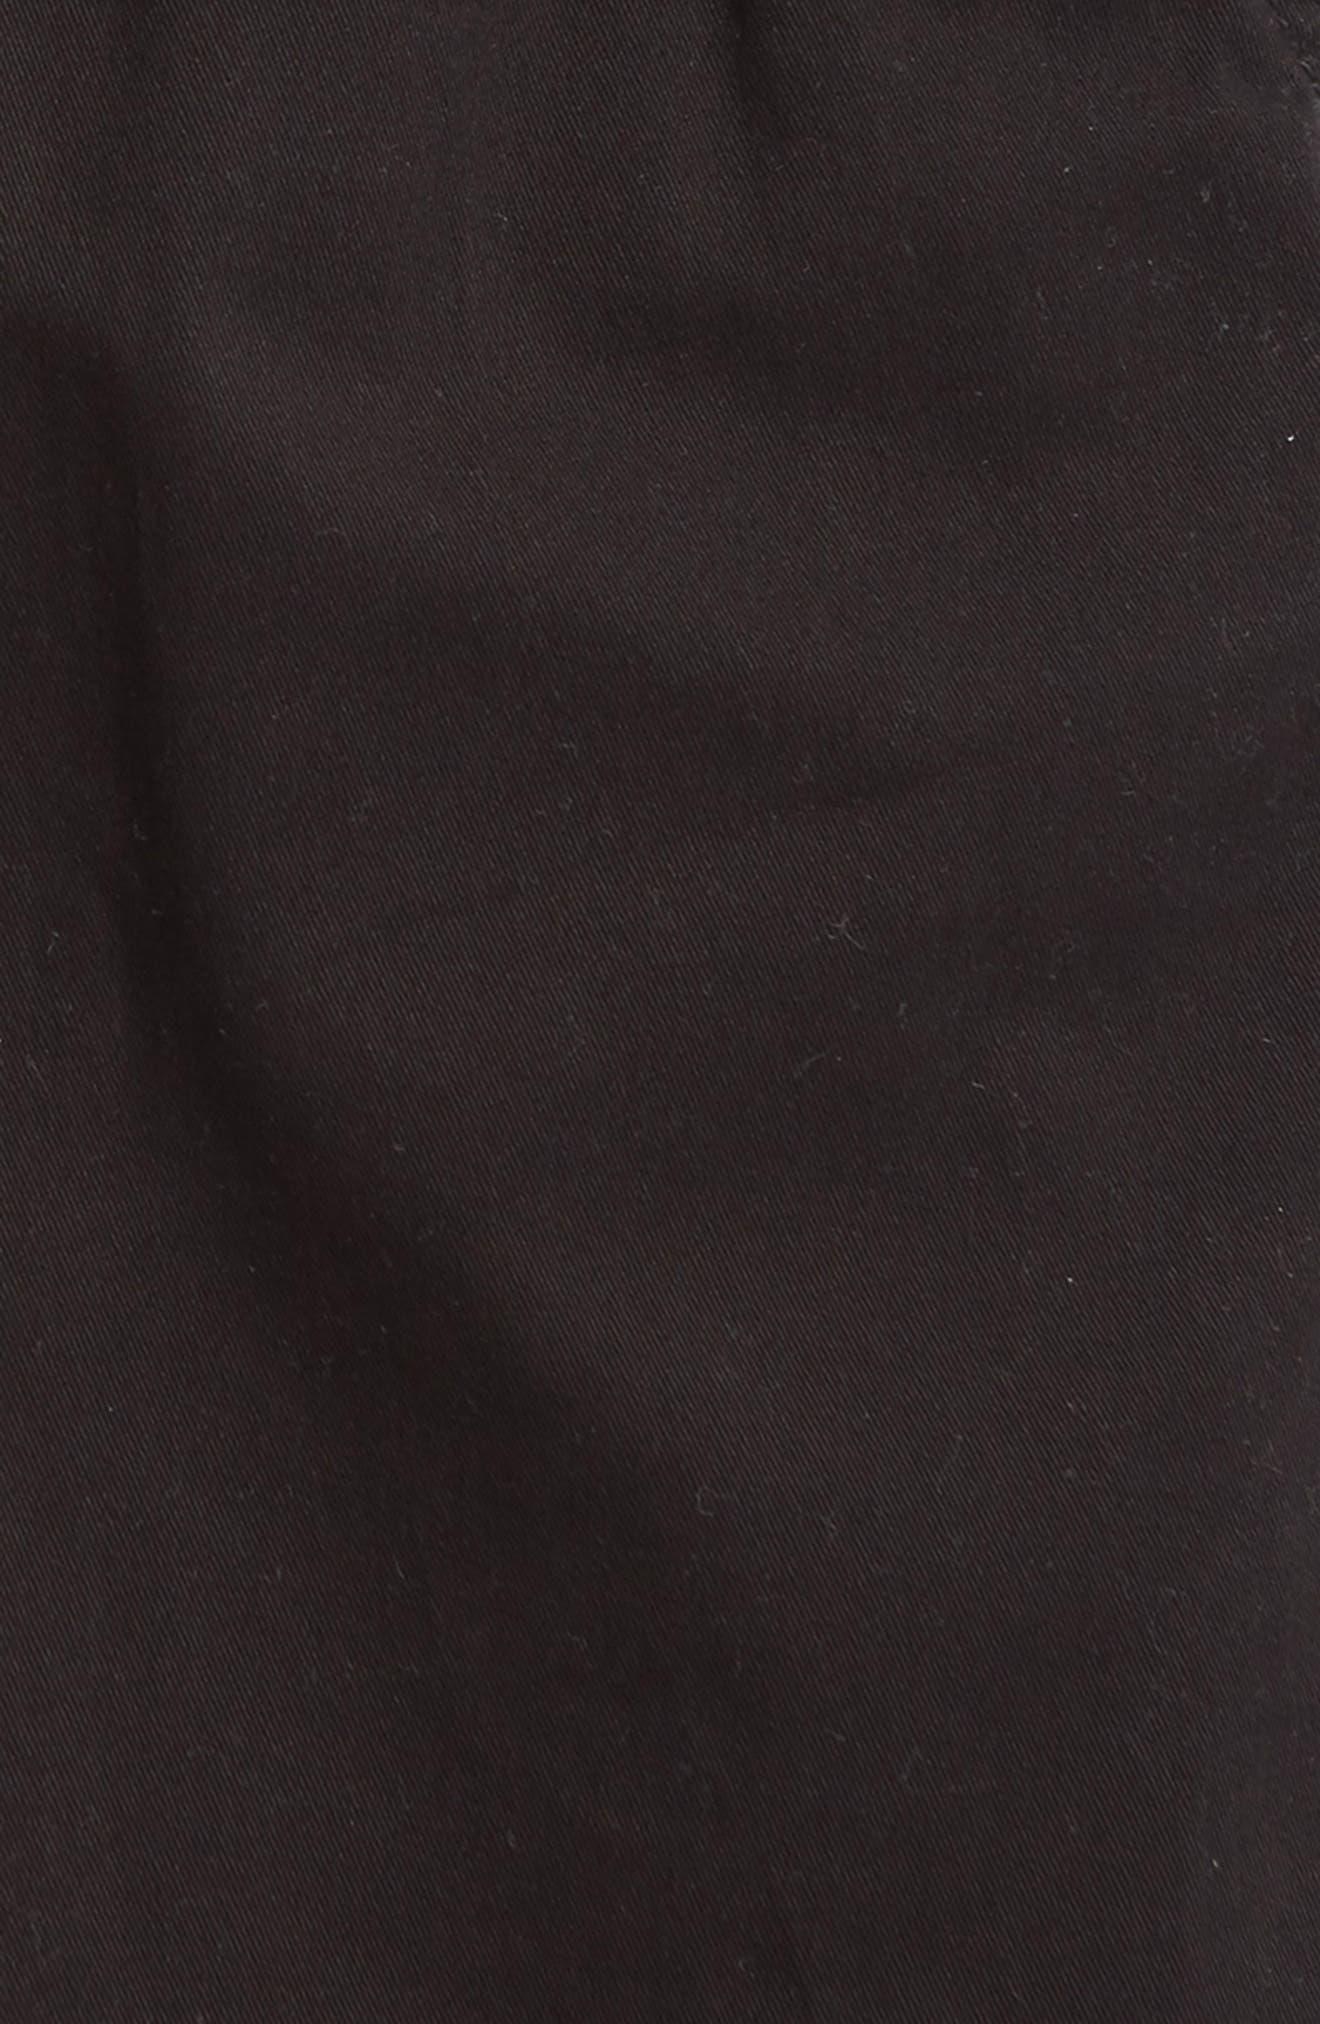 Jogger Shorts,                             Alternate thumbnail 4, color,                             001